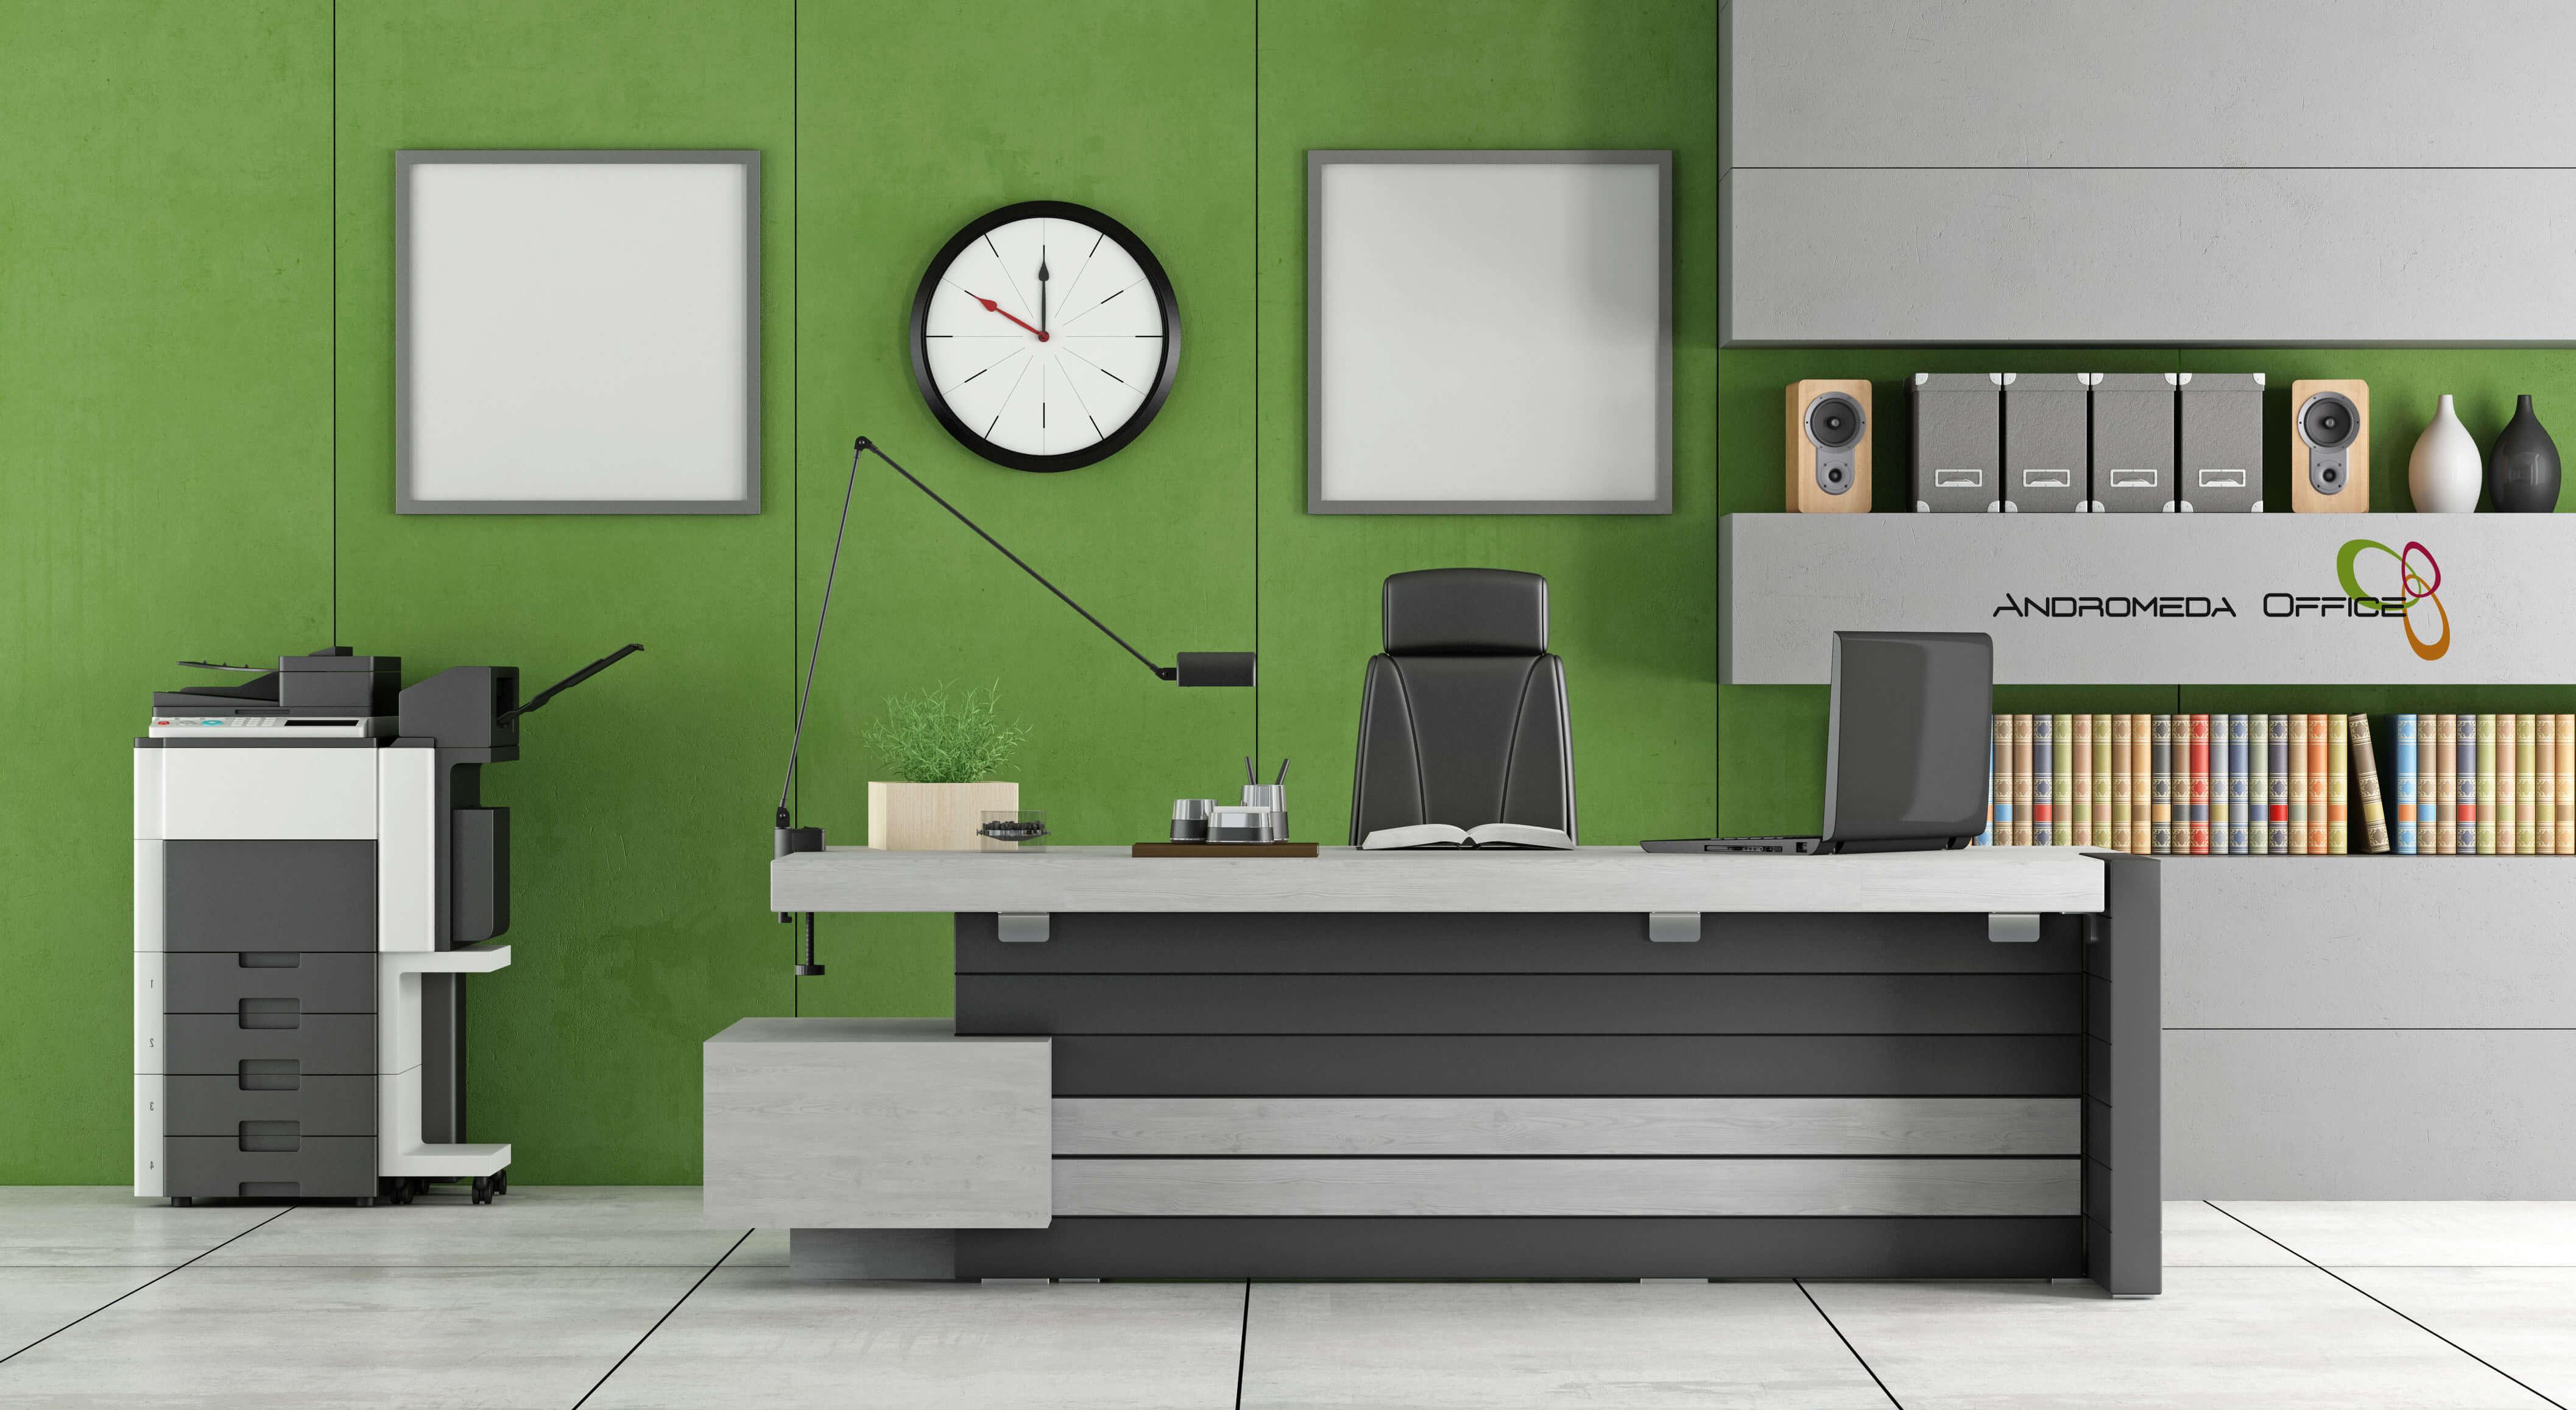 Forniture per ufficio, arredo, cancelleria, shop online.